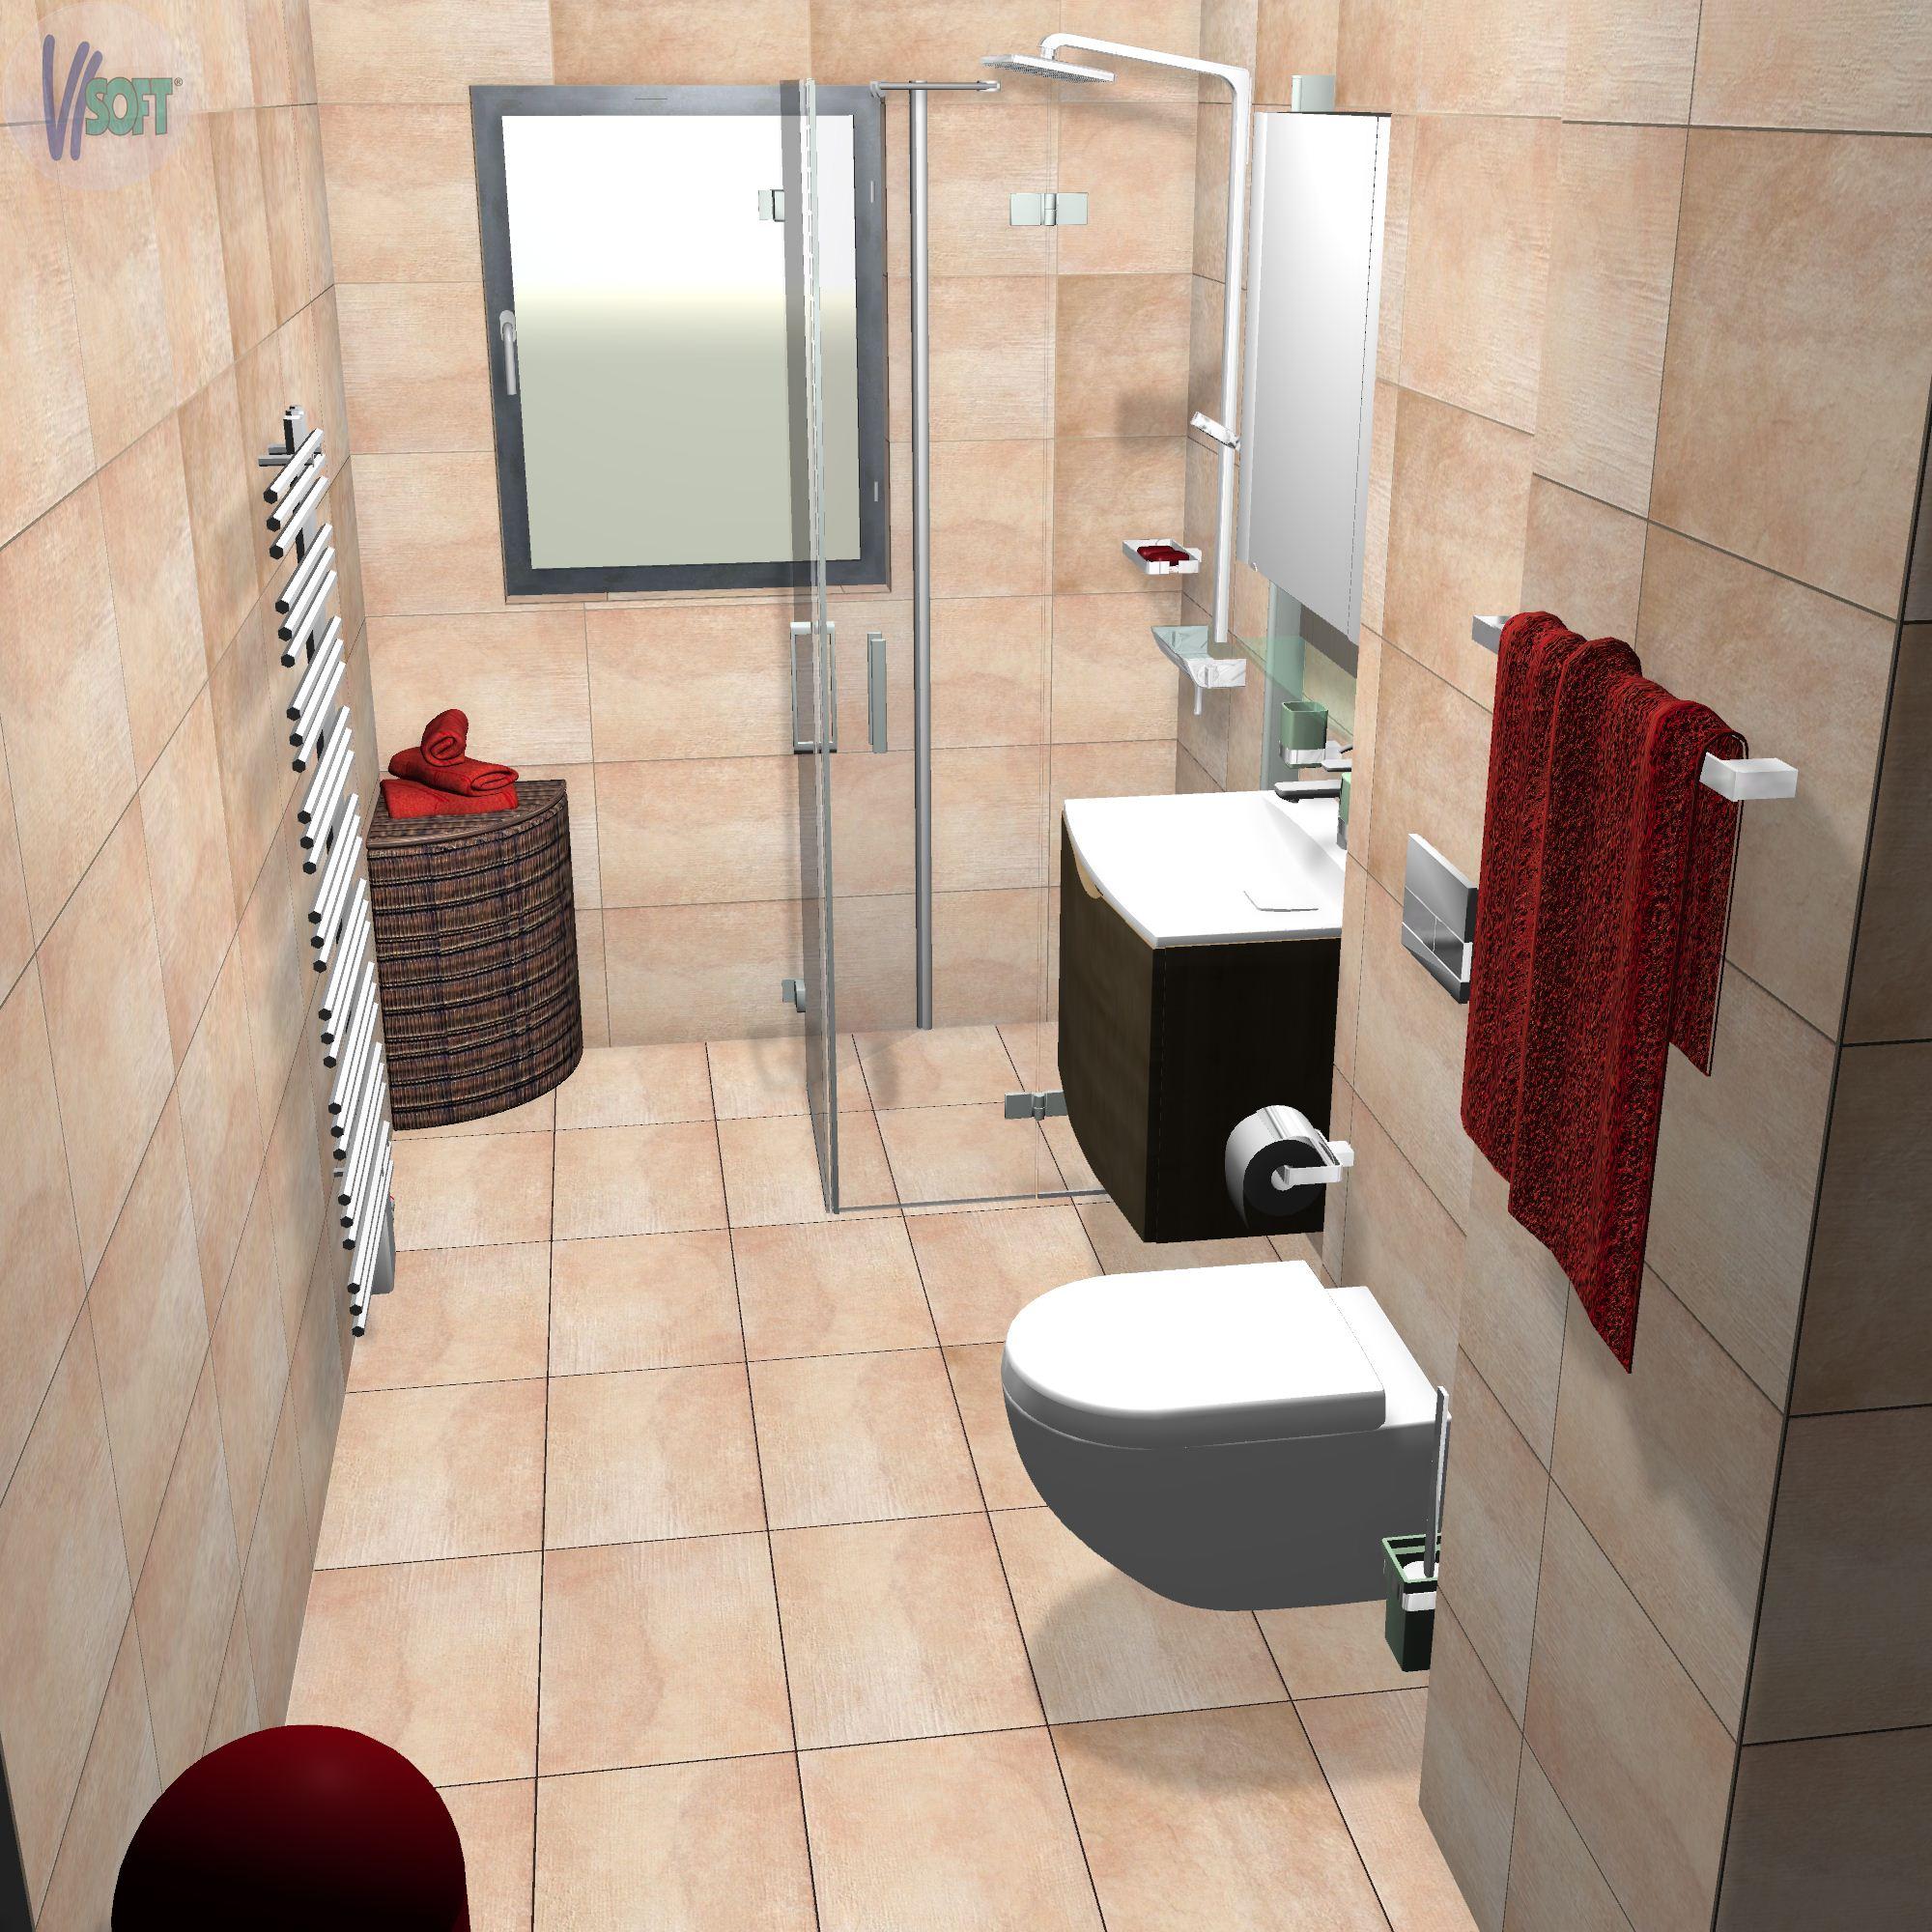 planen sie mit uns ihr 3d-bad | swt sanitär- und wärmetechnik, Badezimmer ideen